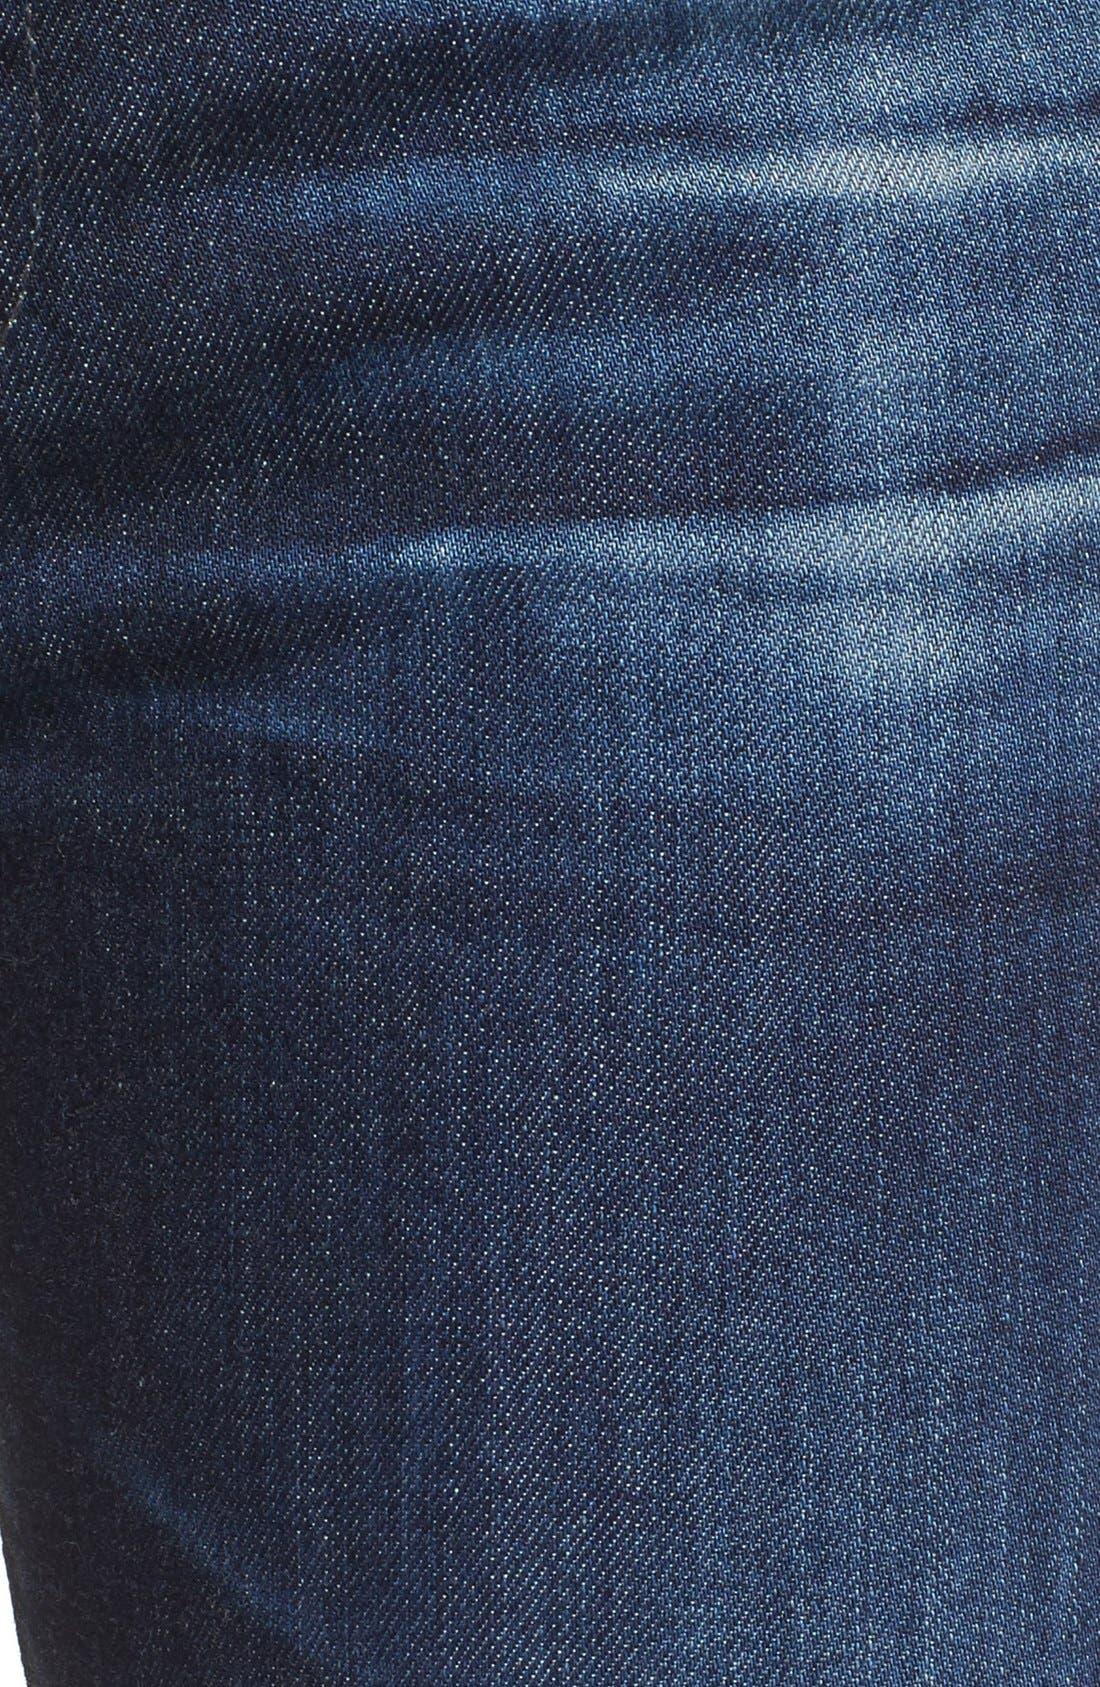 Alternate Image 5  - AG 'The Stilt' Cigarette Leg Jeans (7 Year Ripped)